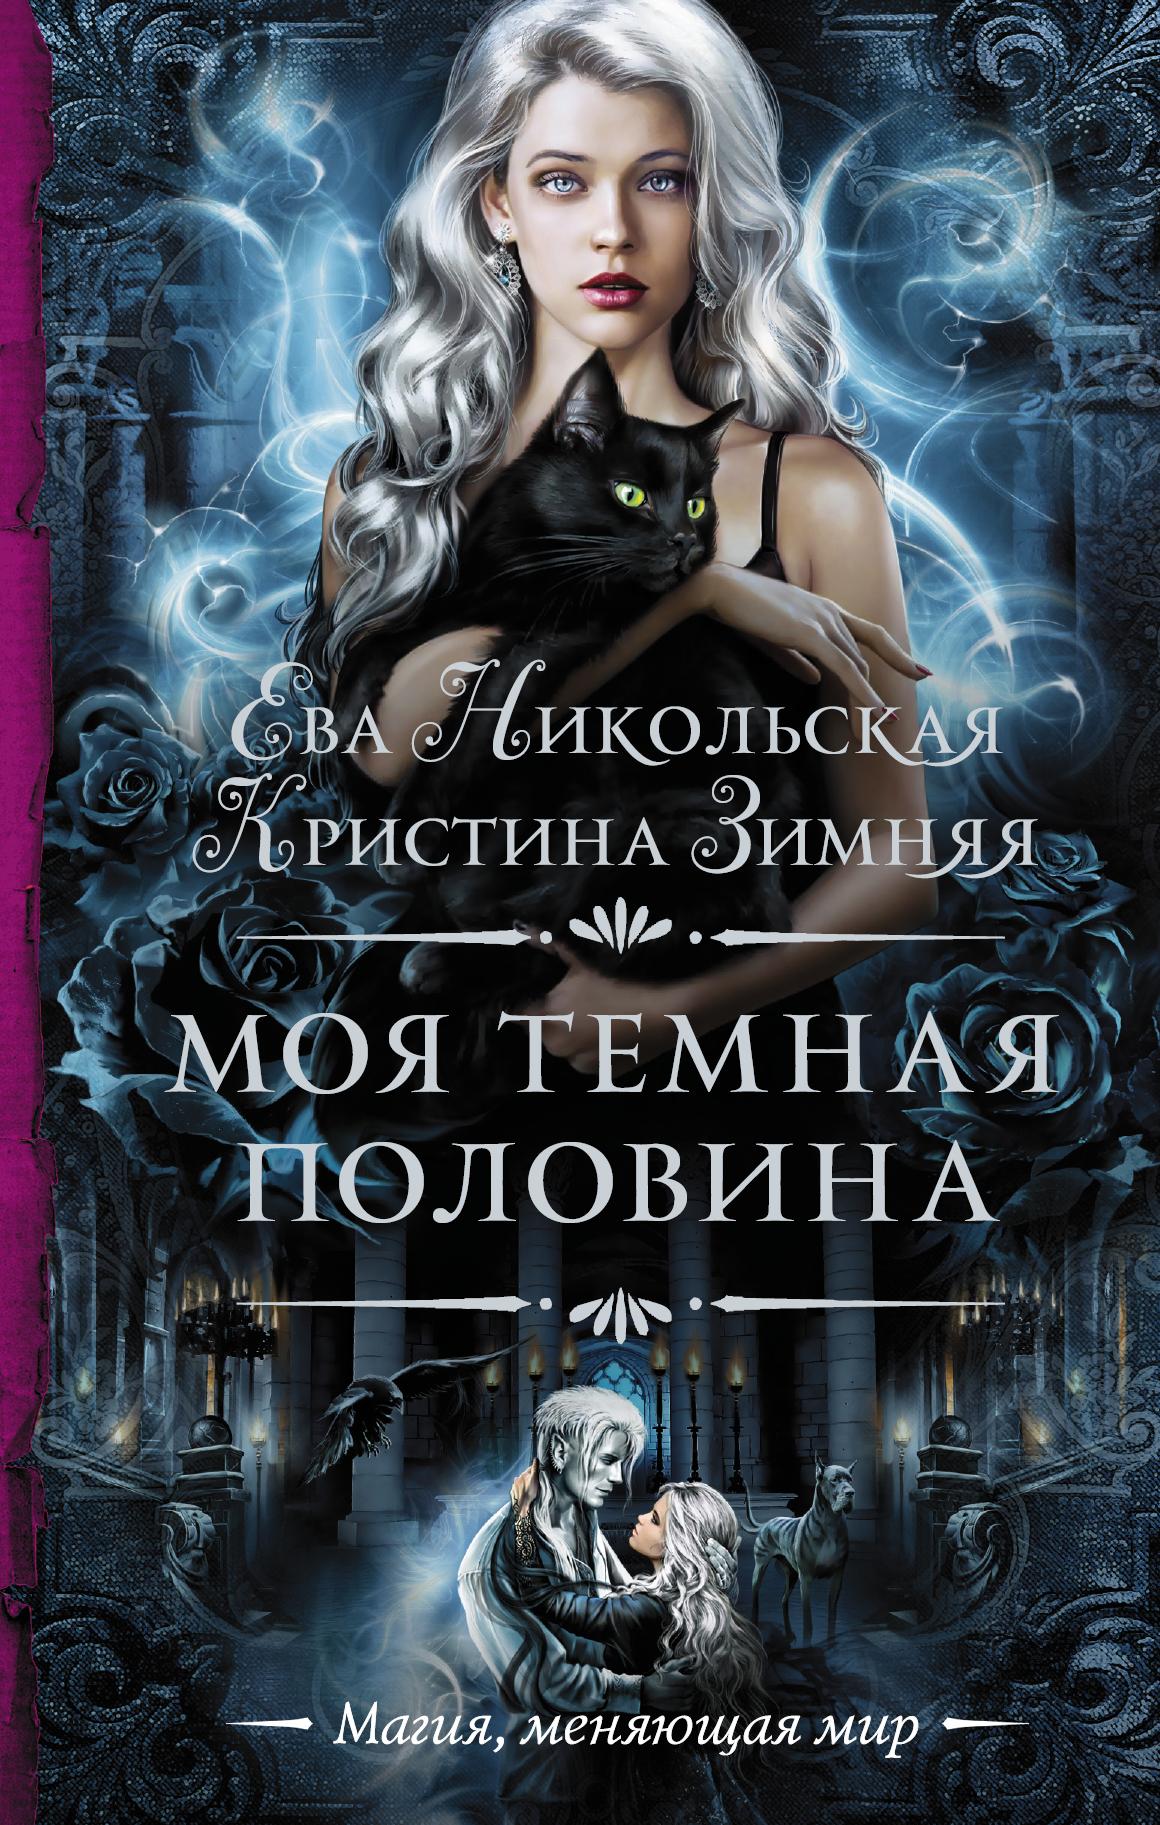 Ева Никольская, Кристина Зимняя Моя темная половина